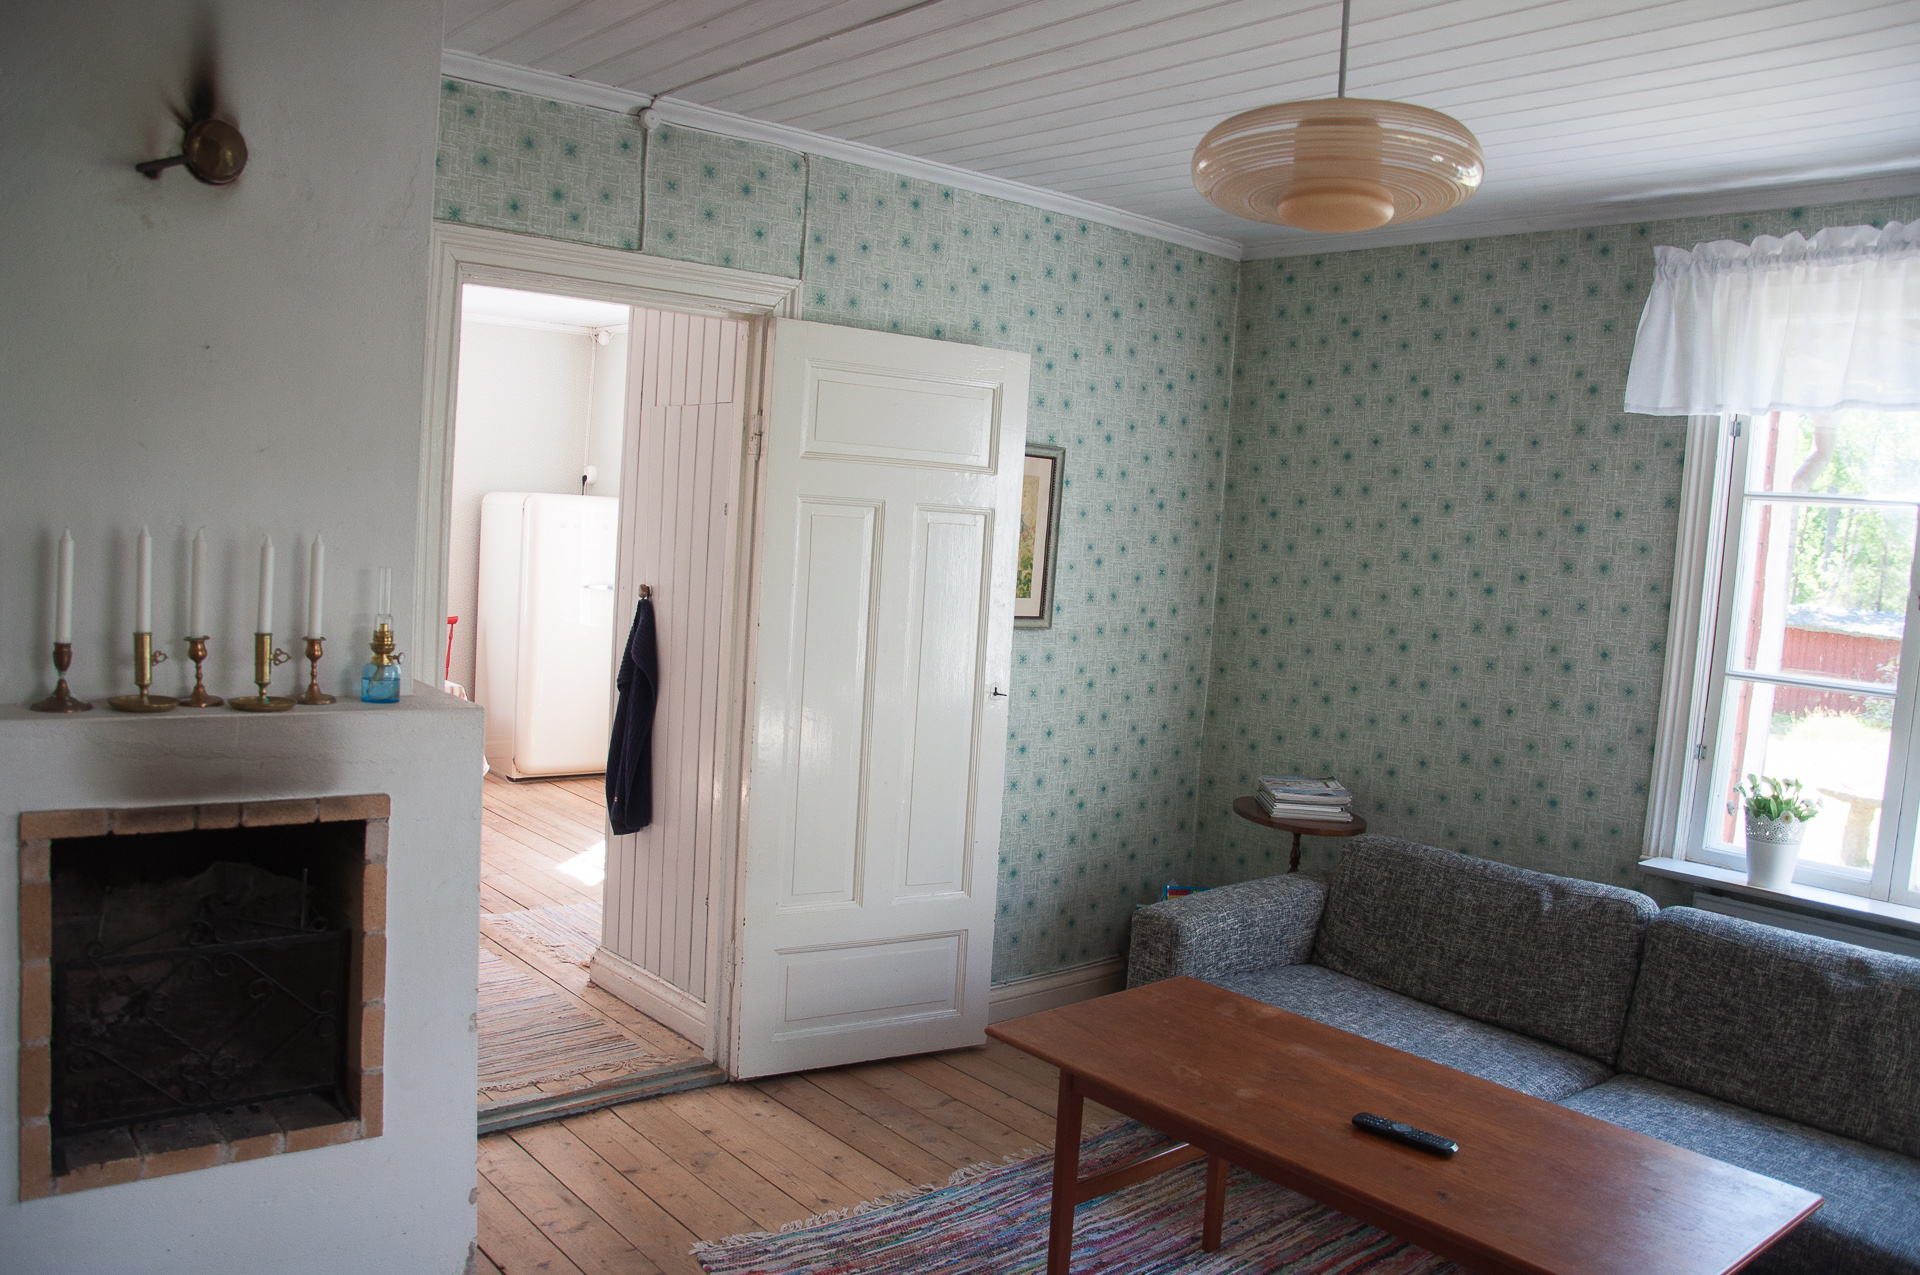 Stuga i Stockholms skrgrd, Vt. - Cottages for - Airbnb